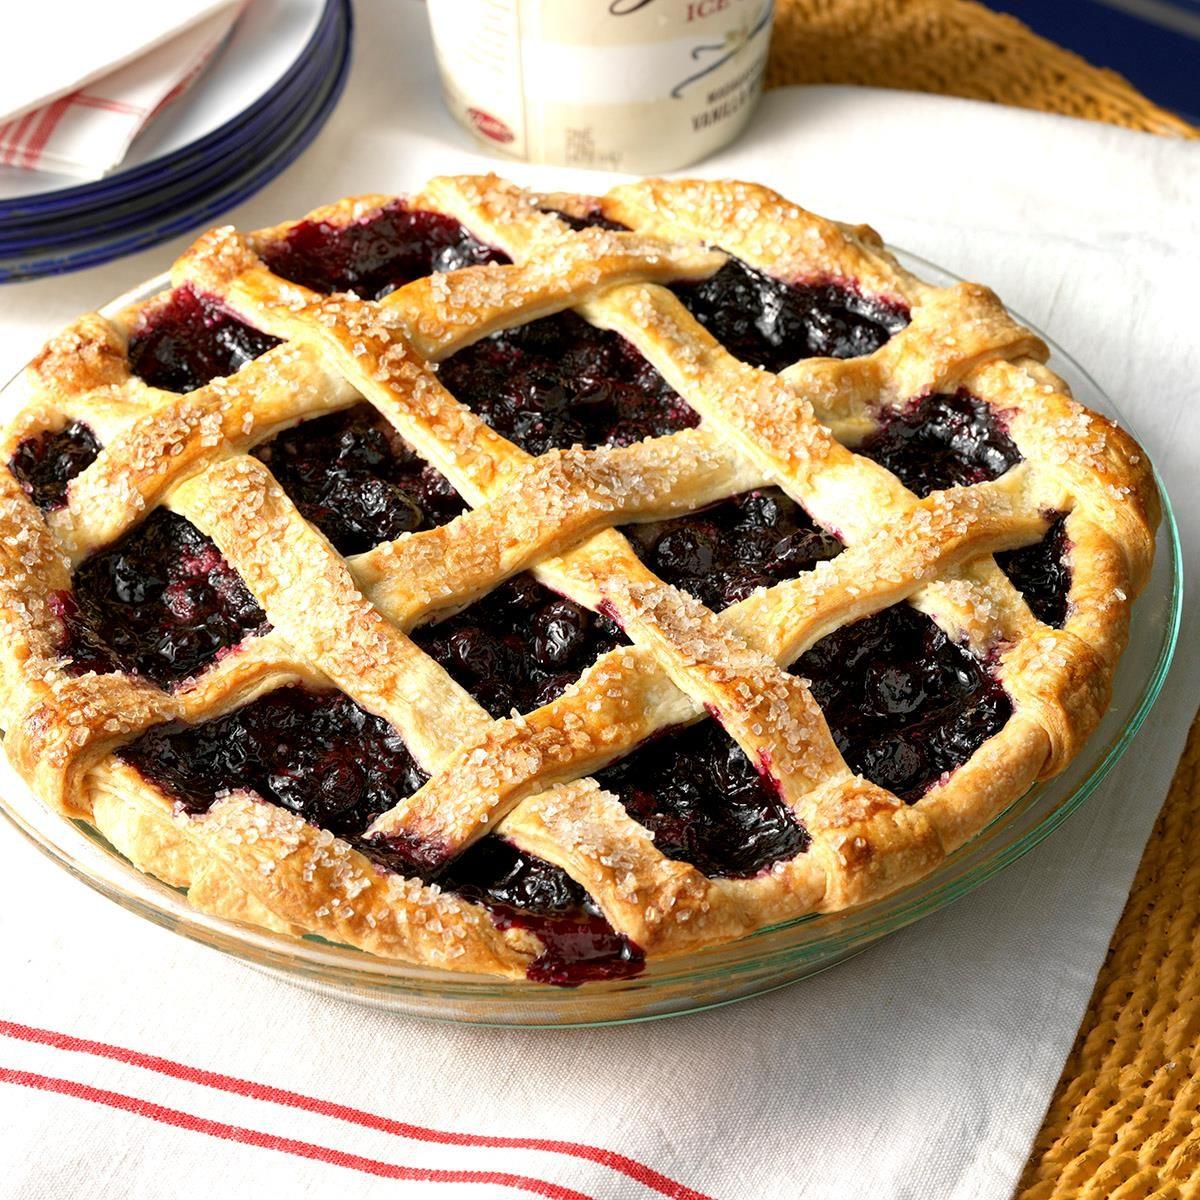 Taste of Home - Hand-Held Apple Pies | Facebook